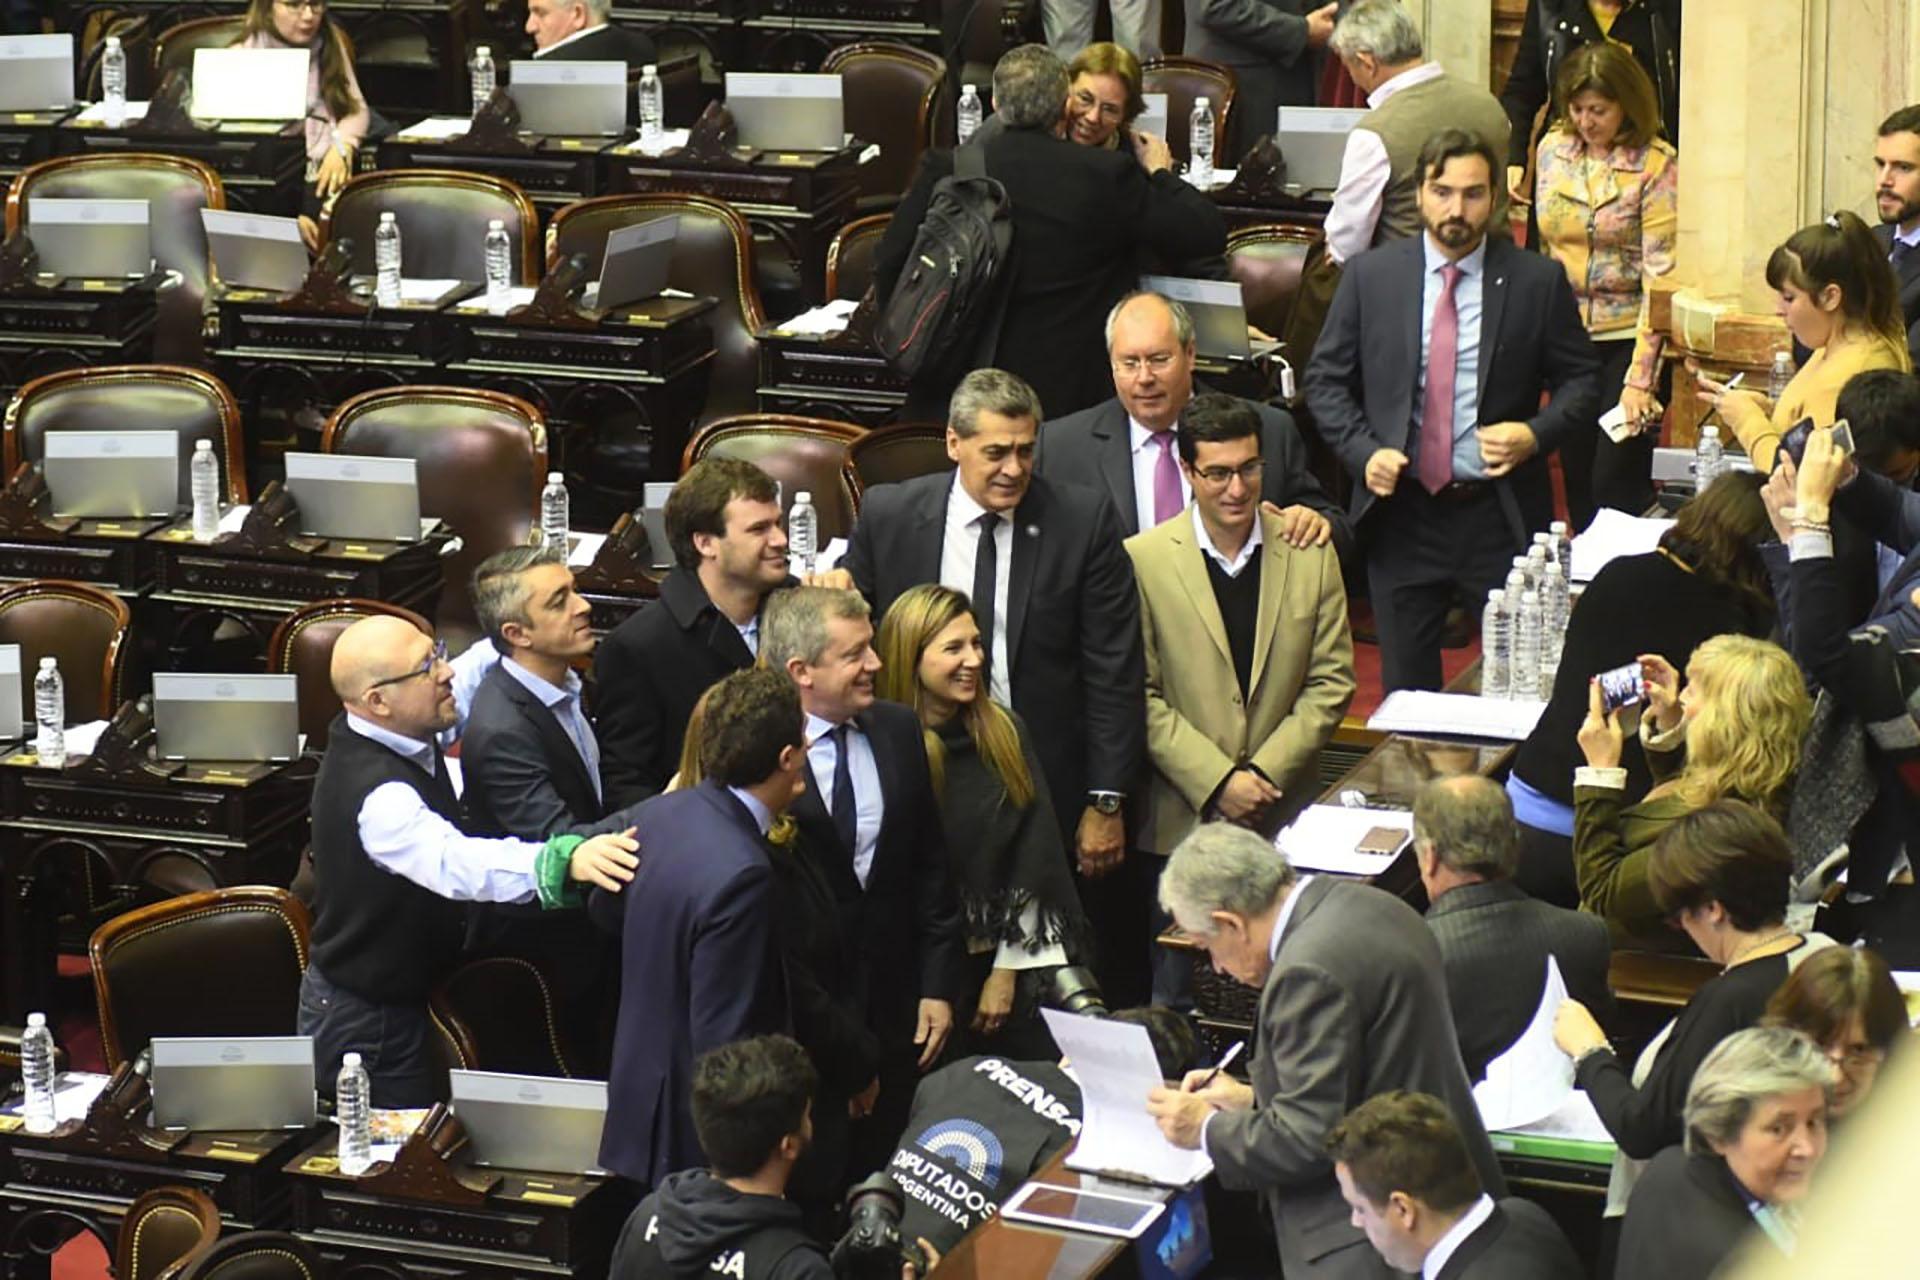 La previa del debate en Diputados (Foto: Fabián Ramella)